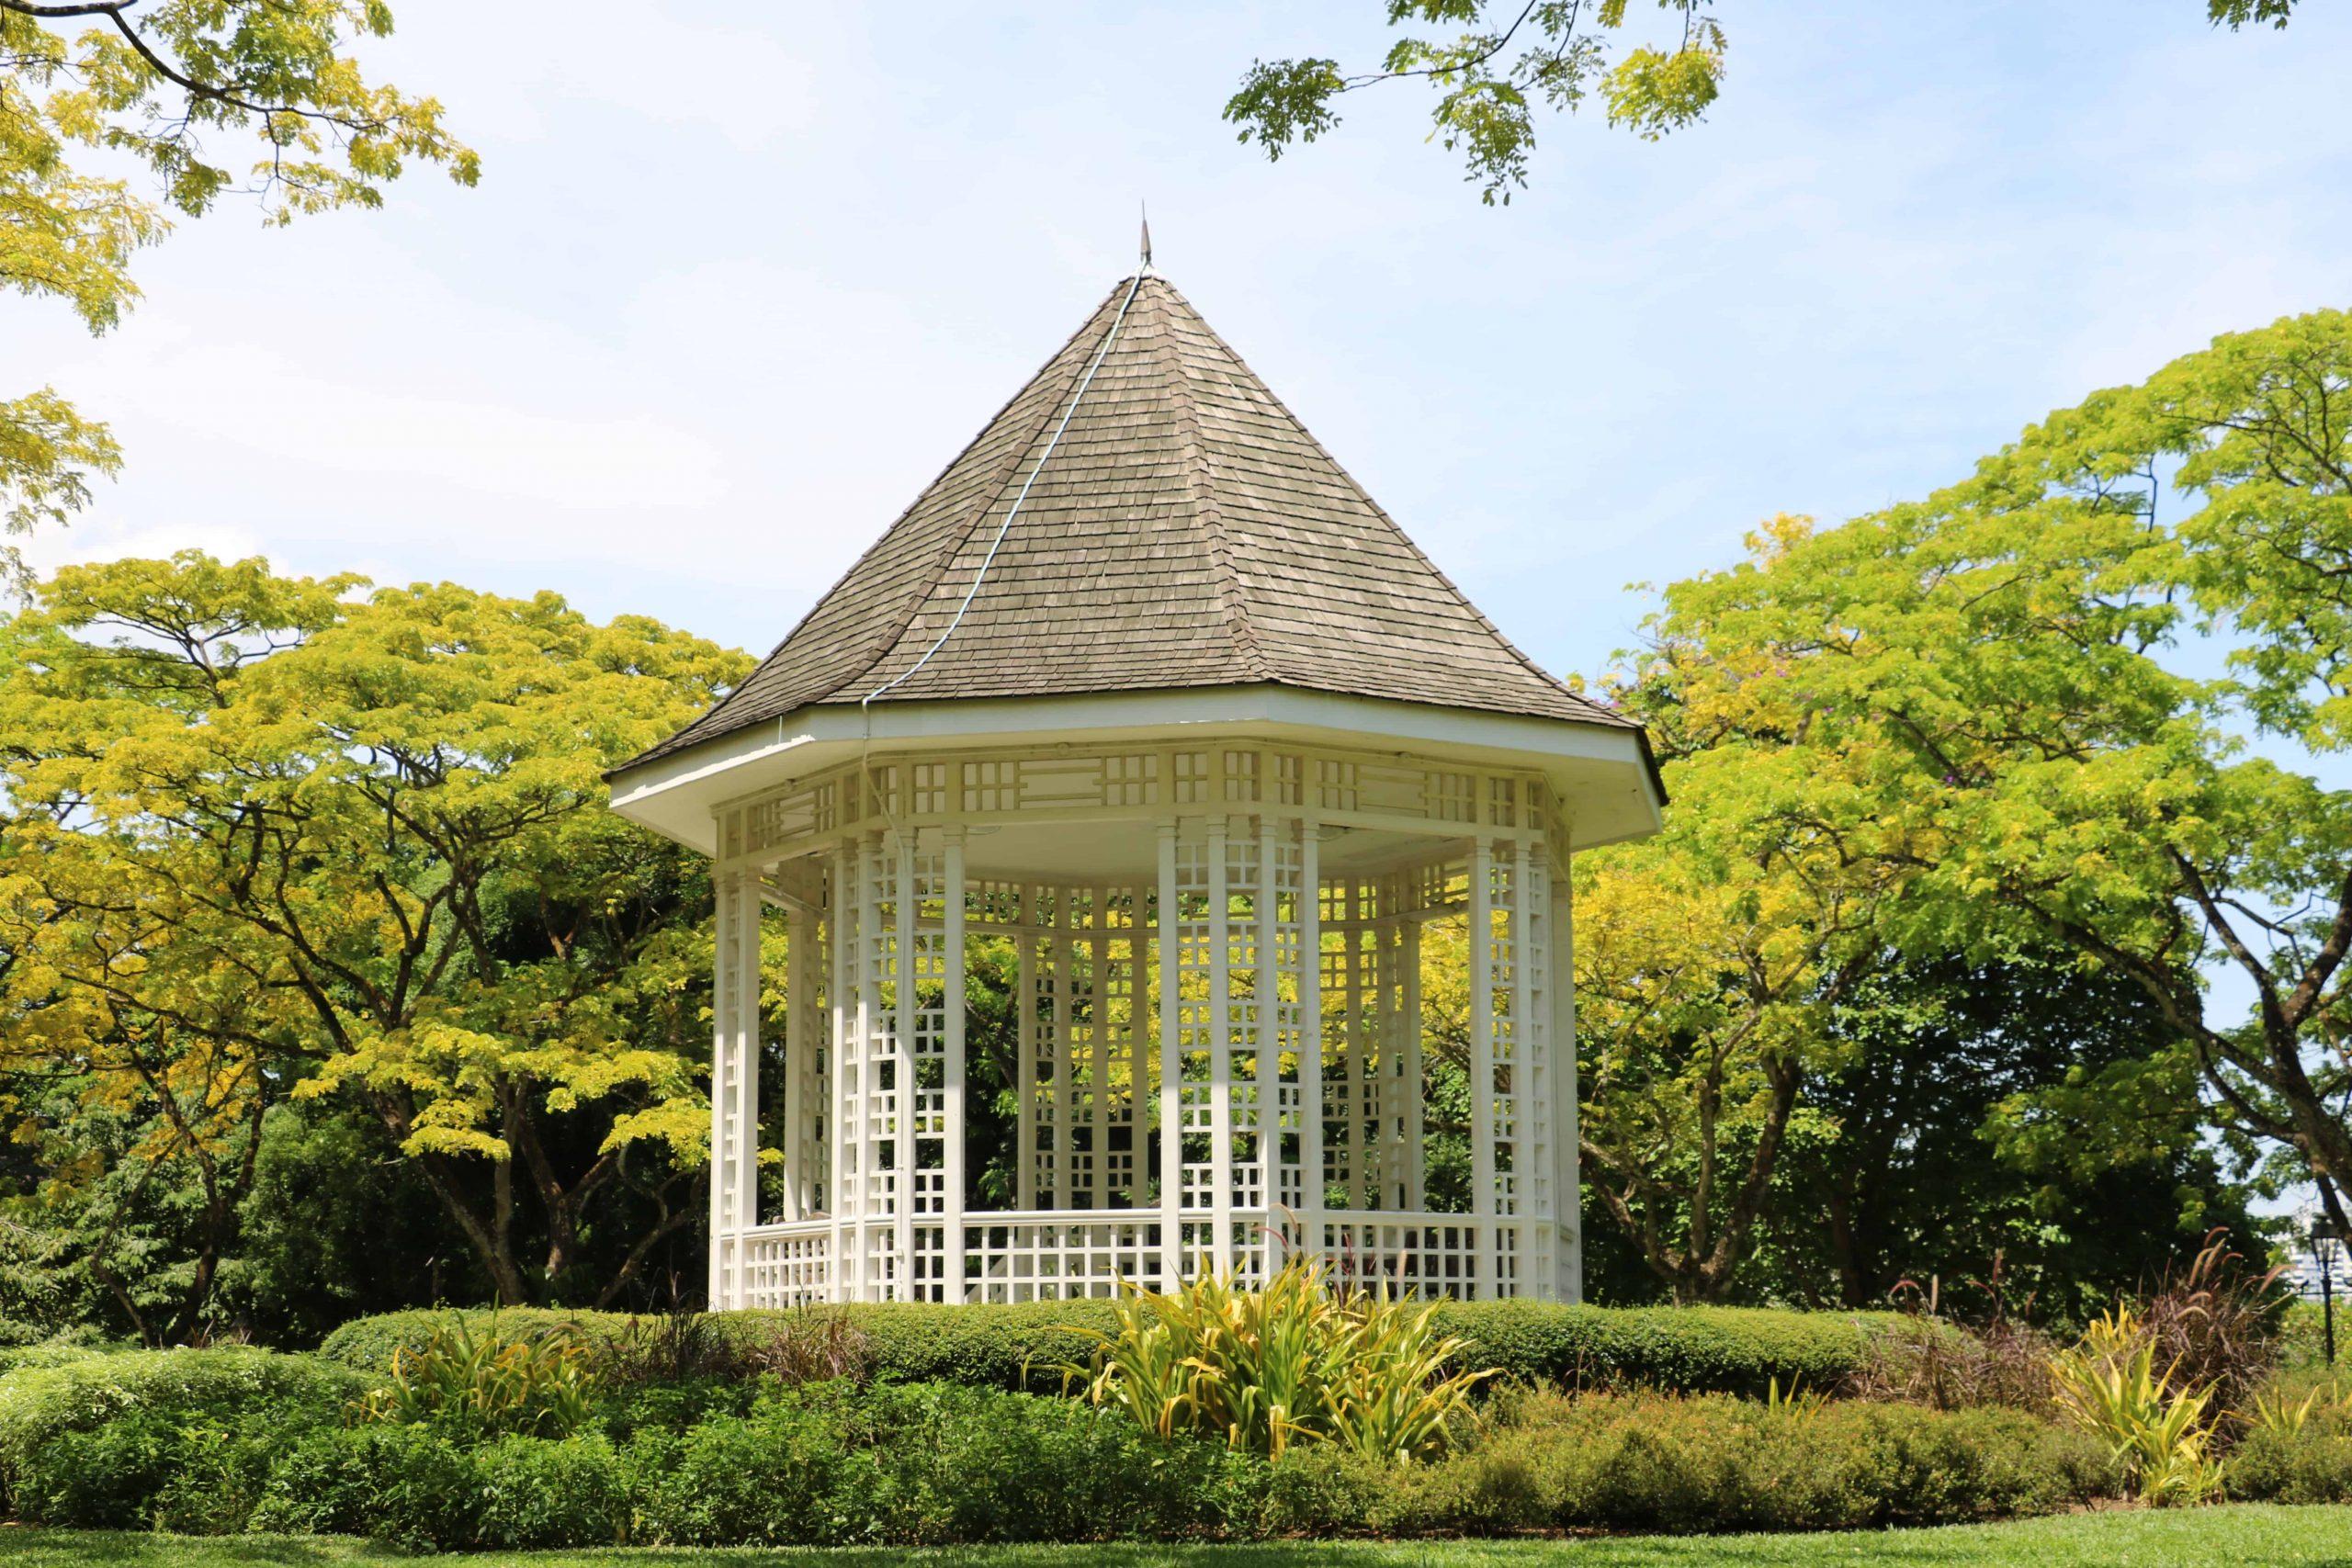 Full Size of Gartenpavillon Metall Test Empfehlungen 04 20 Gartenbook Regal Weiß Bett Regale Wohnzimmer Gartenpavillon Metall